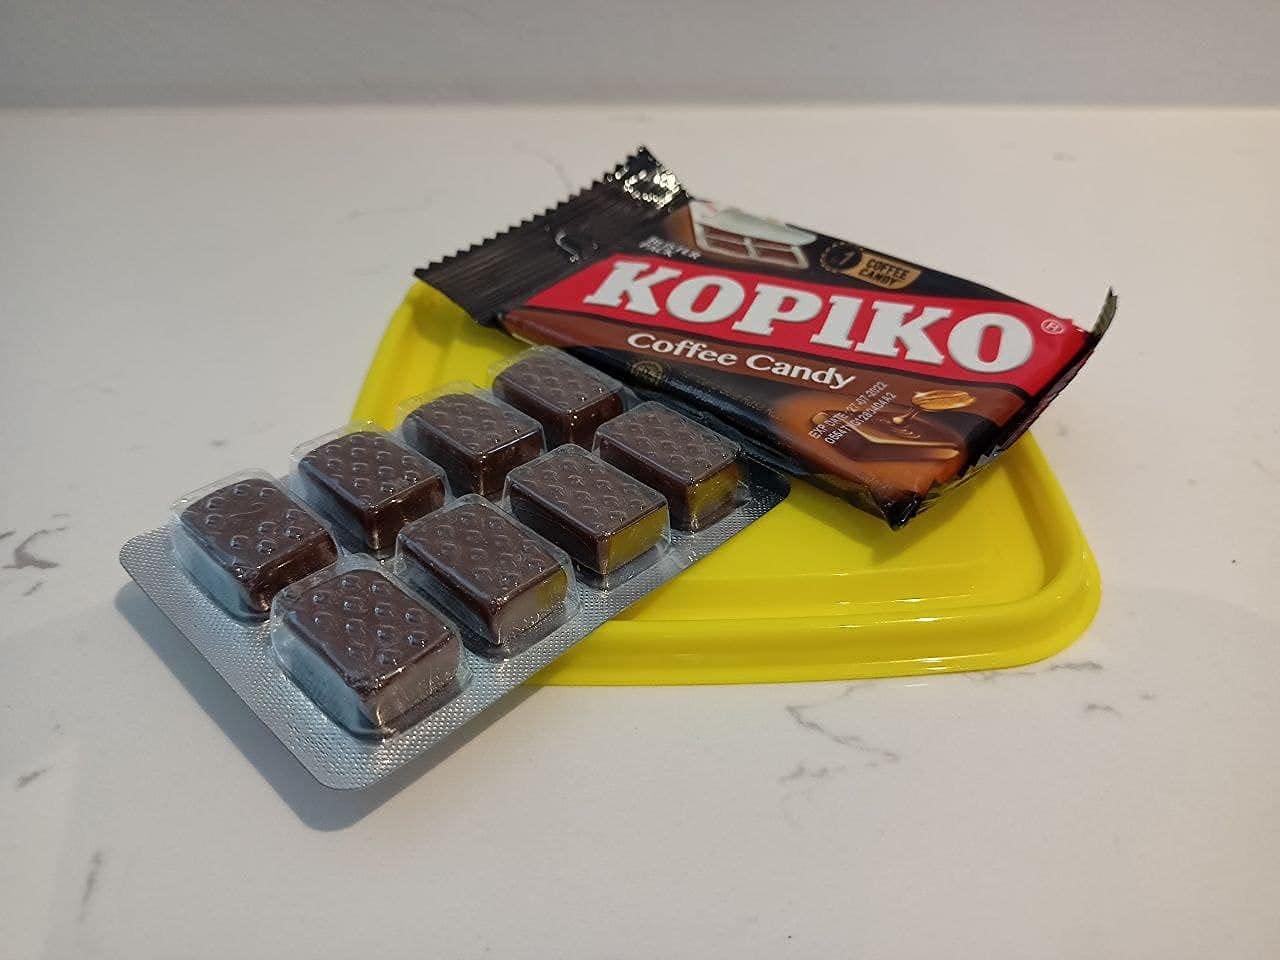 بسته تاول آب نبات های قهوه Kopiko